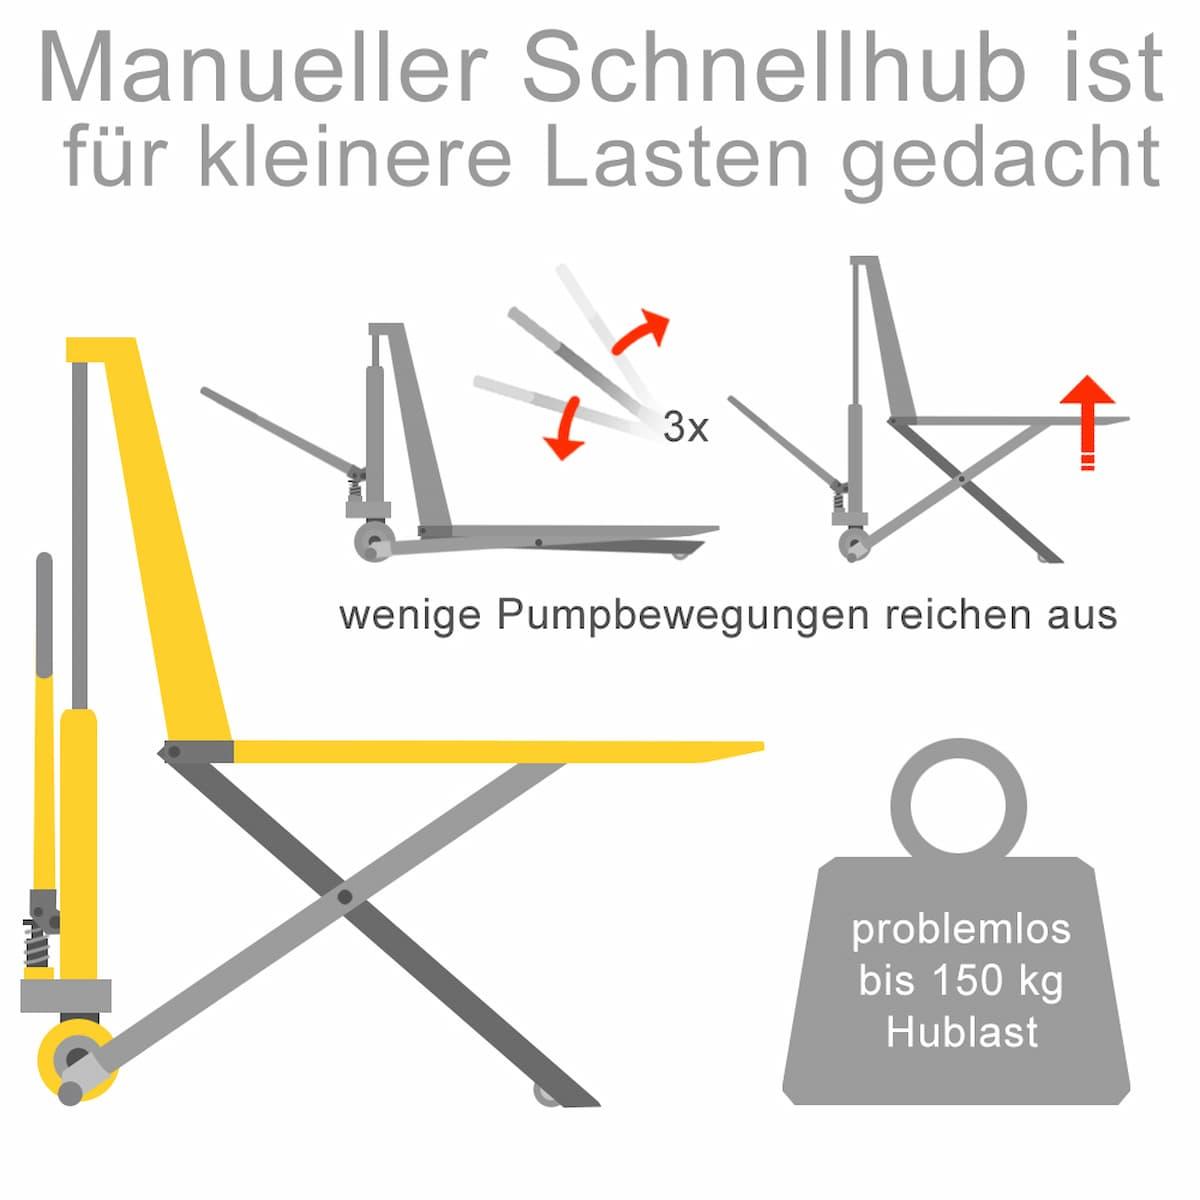 Scherenhubwagen: Manueller Schnellhub für kleinere Lasten